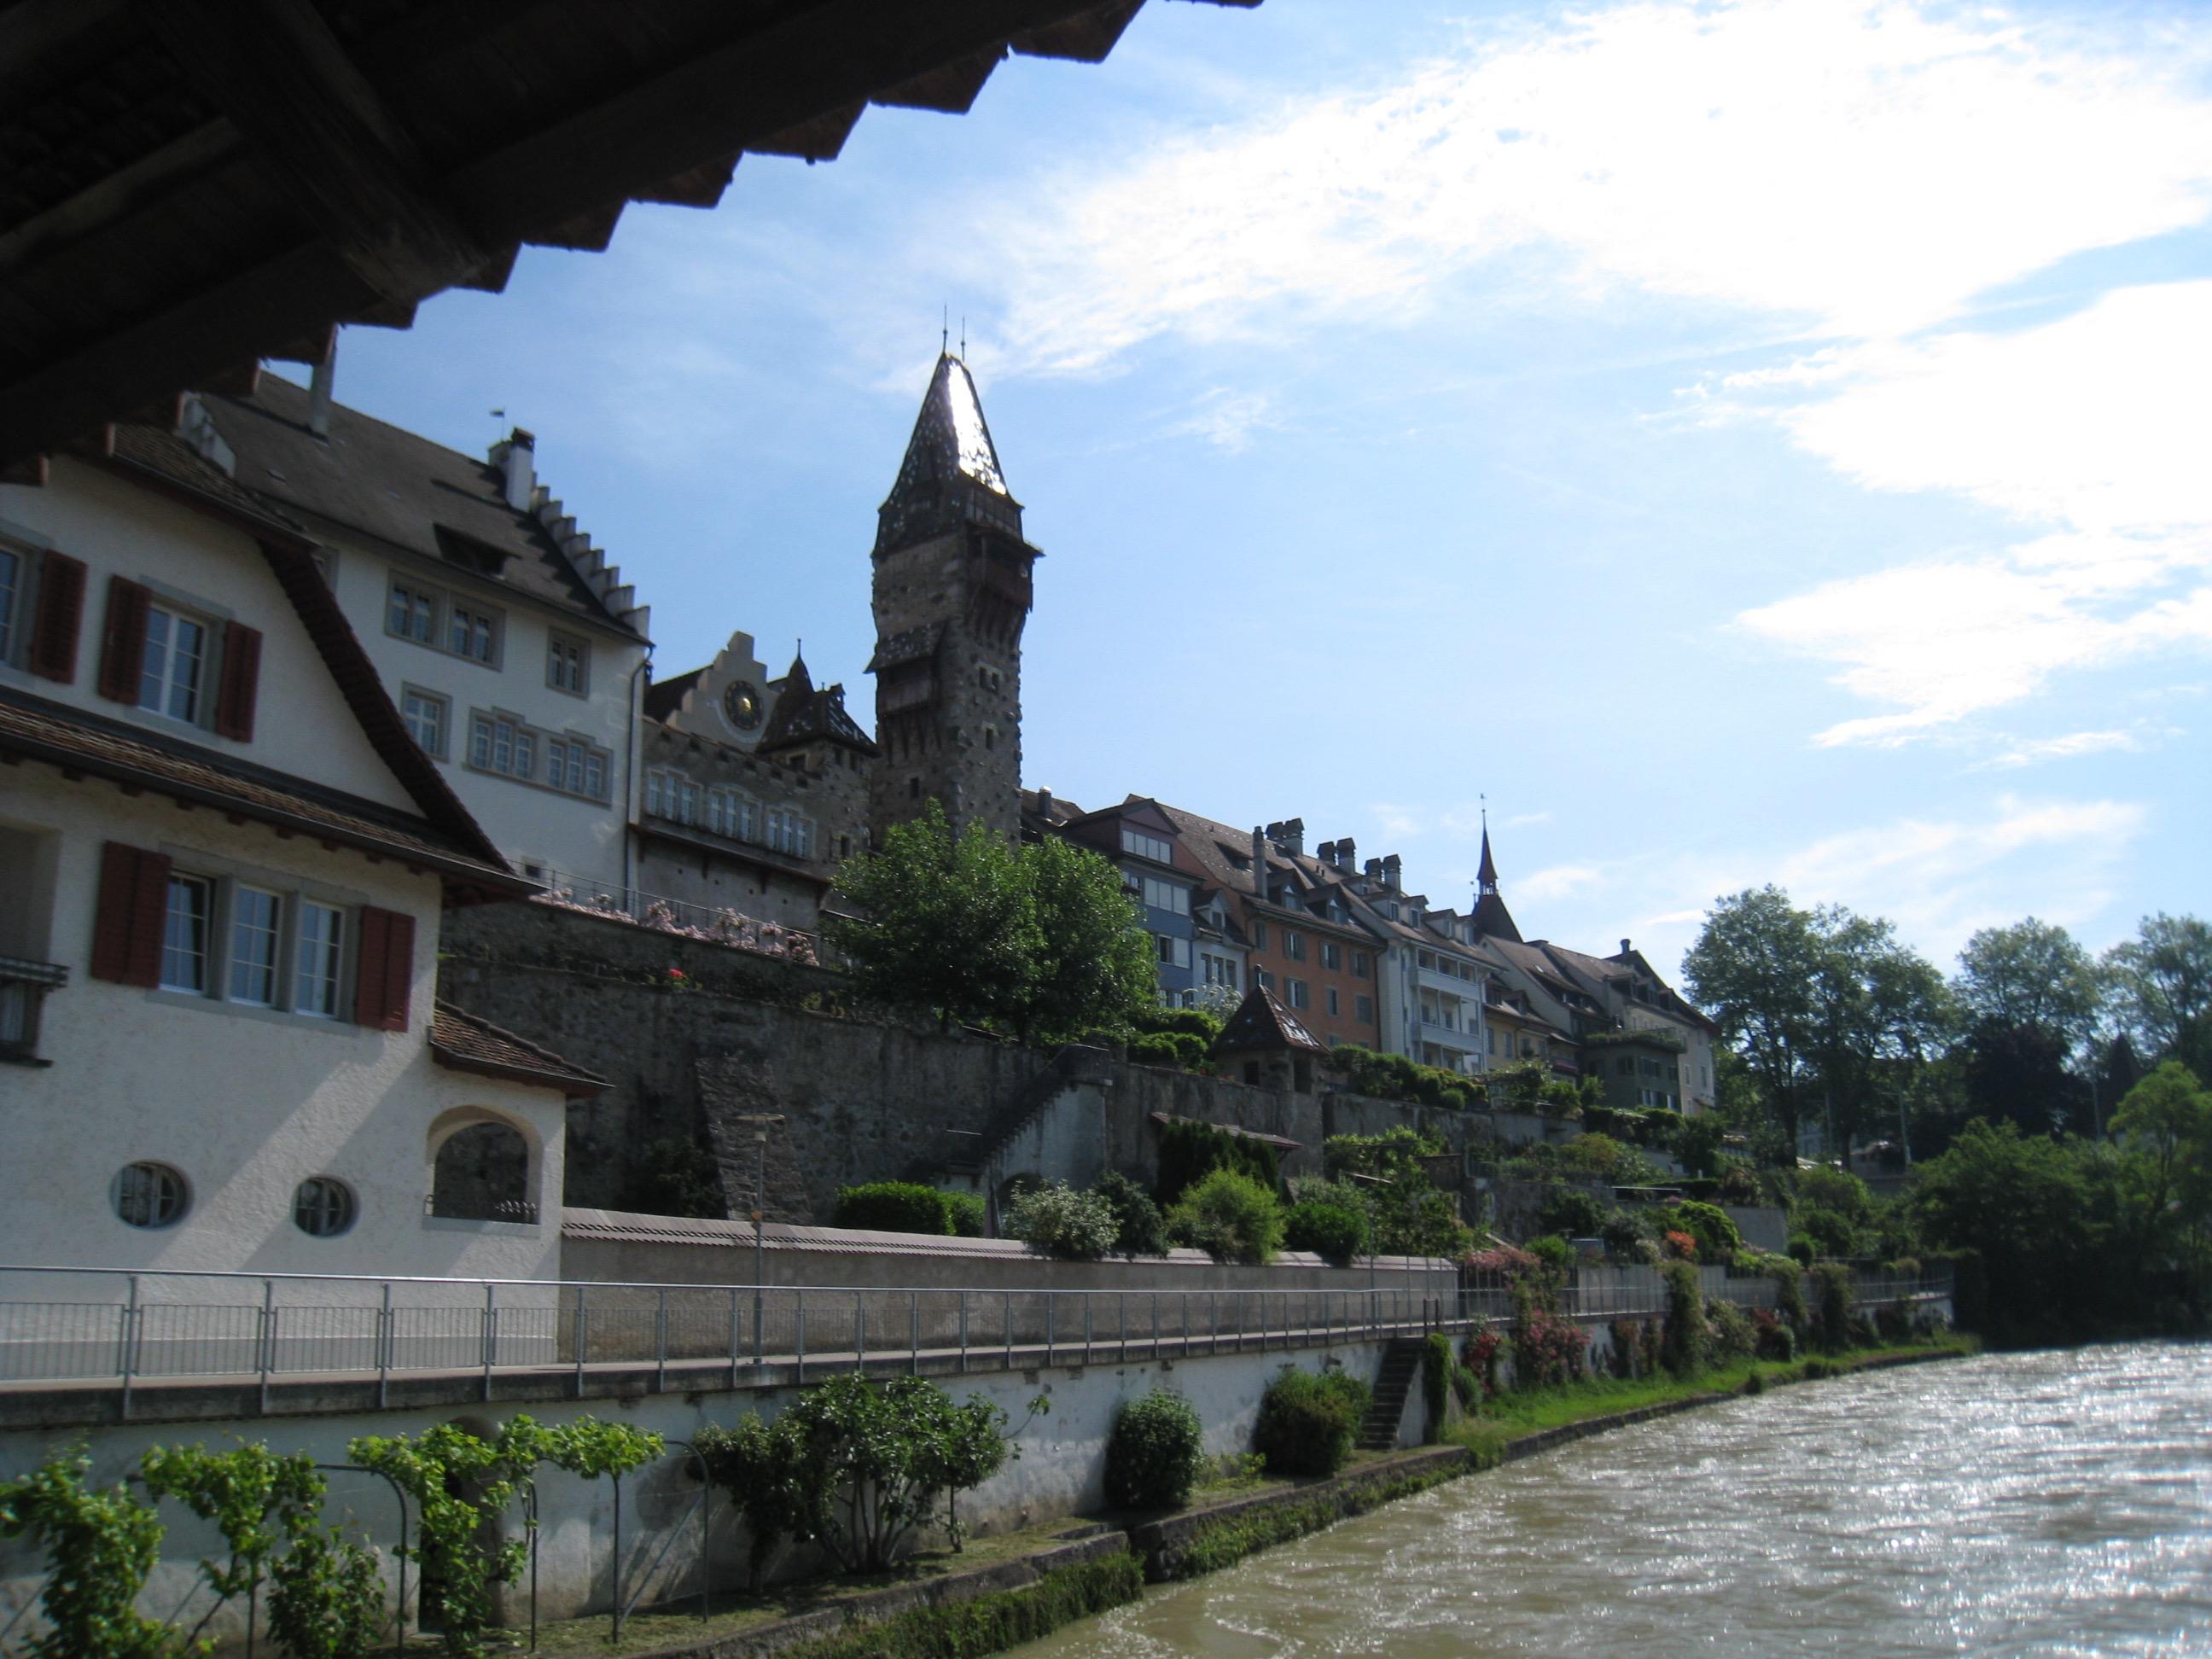 Sicht auf die Altstadt von Bremgarten